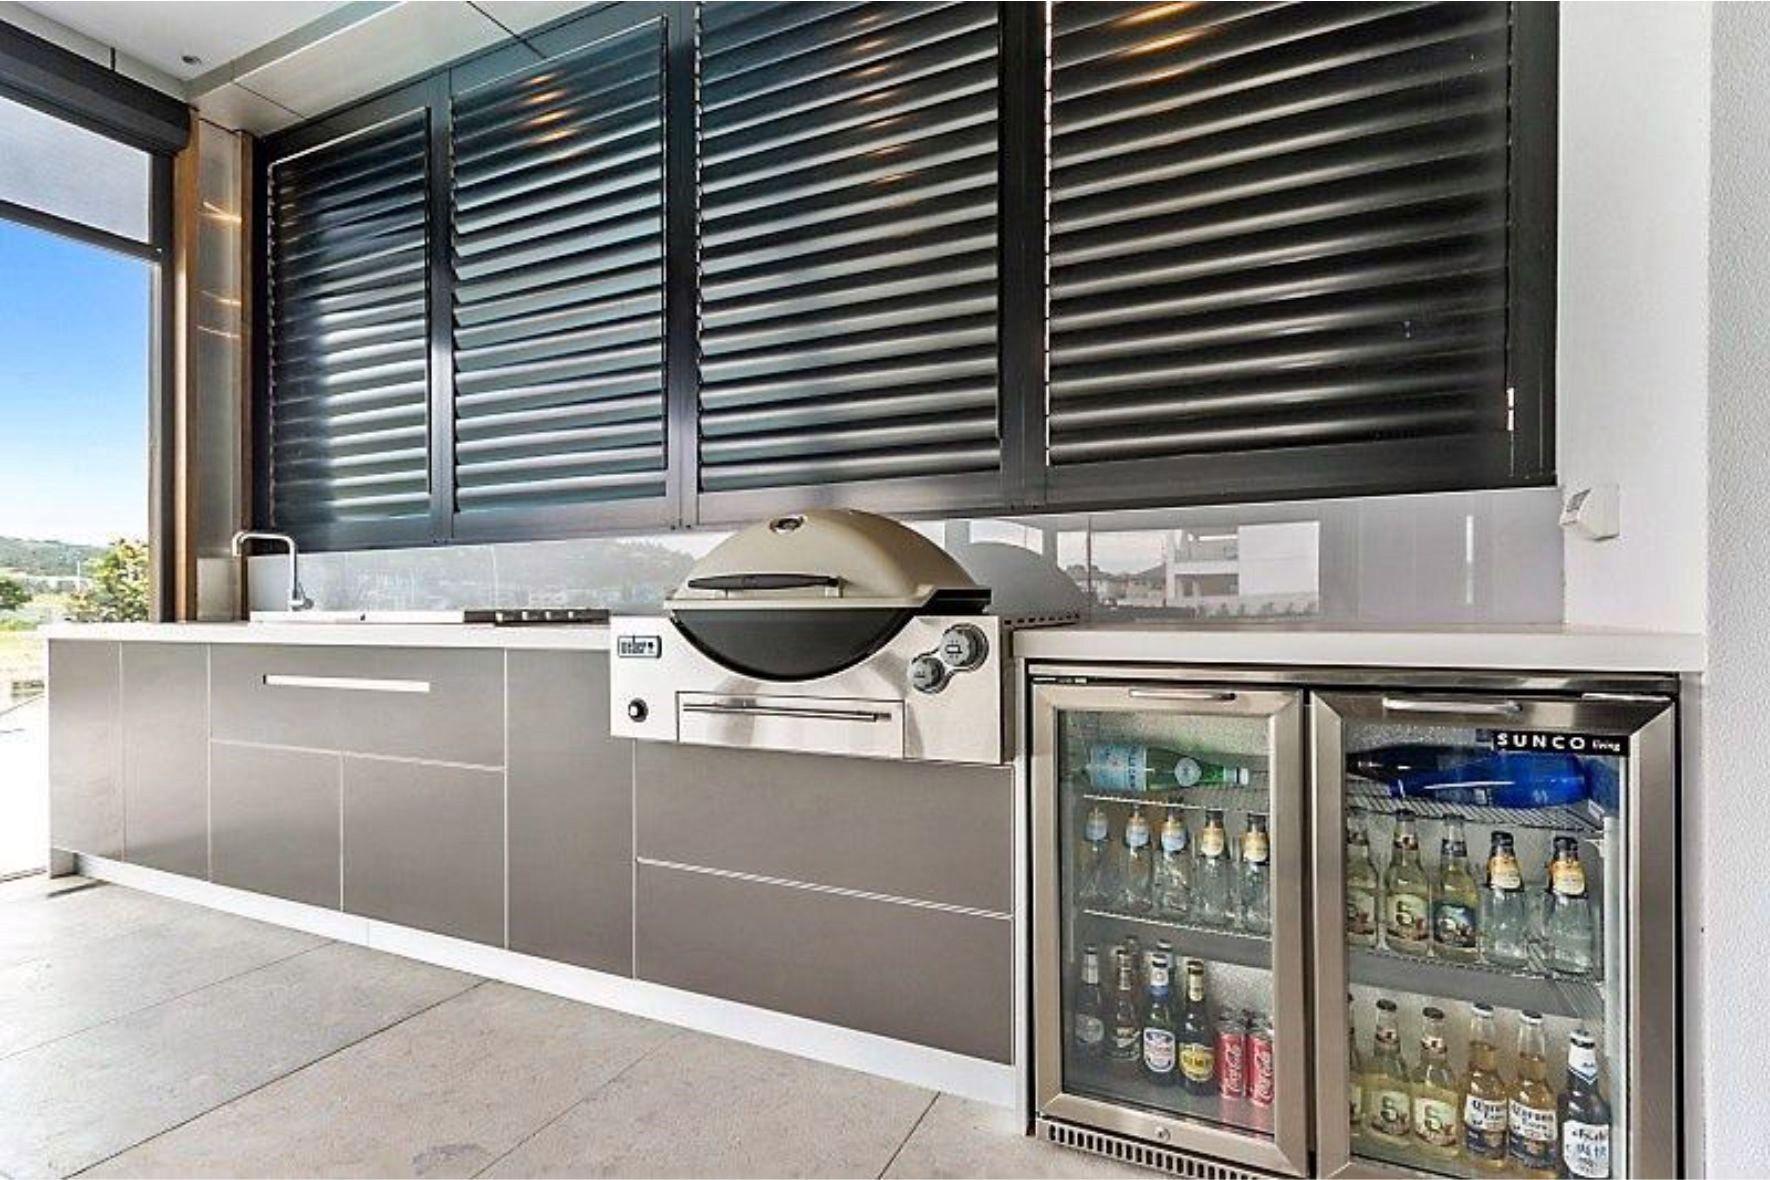 45 Amazing Outdoor Kitchen Design Ideas For Spring In 2020 Outdoor Kitchen Design Outdoor Kitchen Design Layout Outdoor Bbq Kitchen